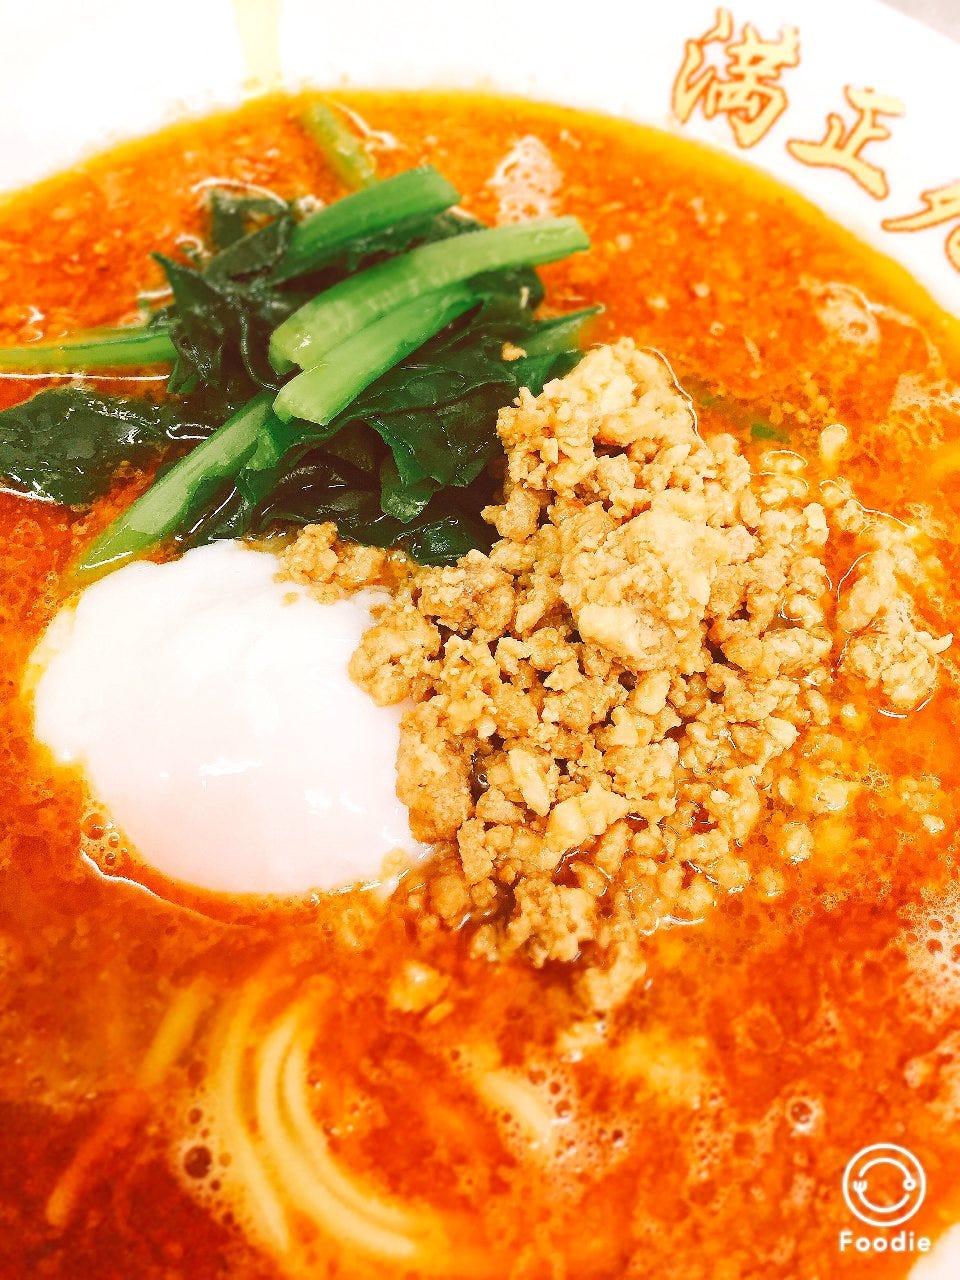 当店自慢の坦々湯麺 麺と絡まる濃厚スープが癖になる美味しさ!